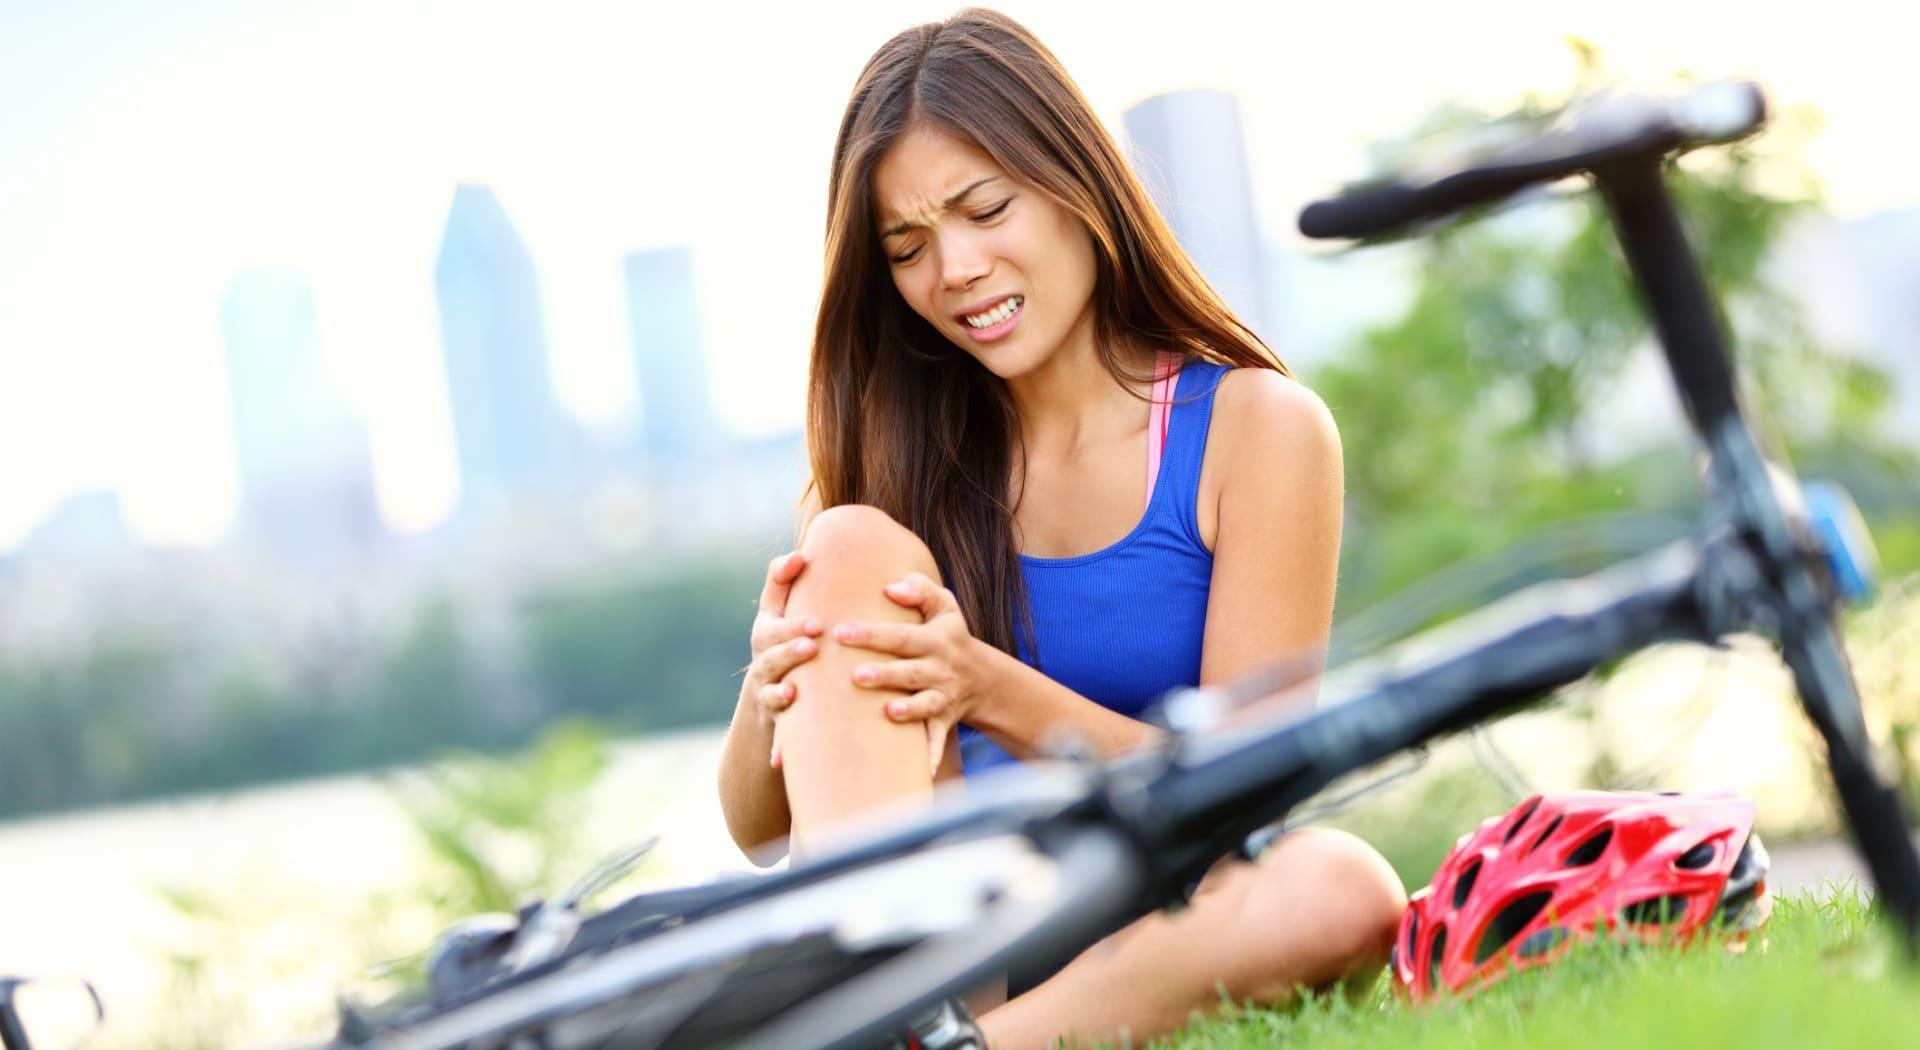 Ved sykkelulykker har også syklisten et ansvar. Vi gir deg tipsene om hva du må passe på.